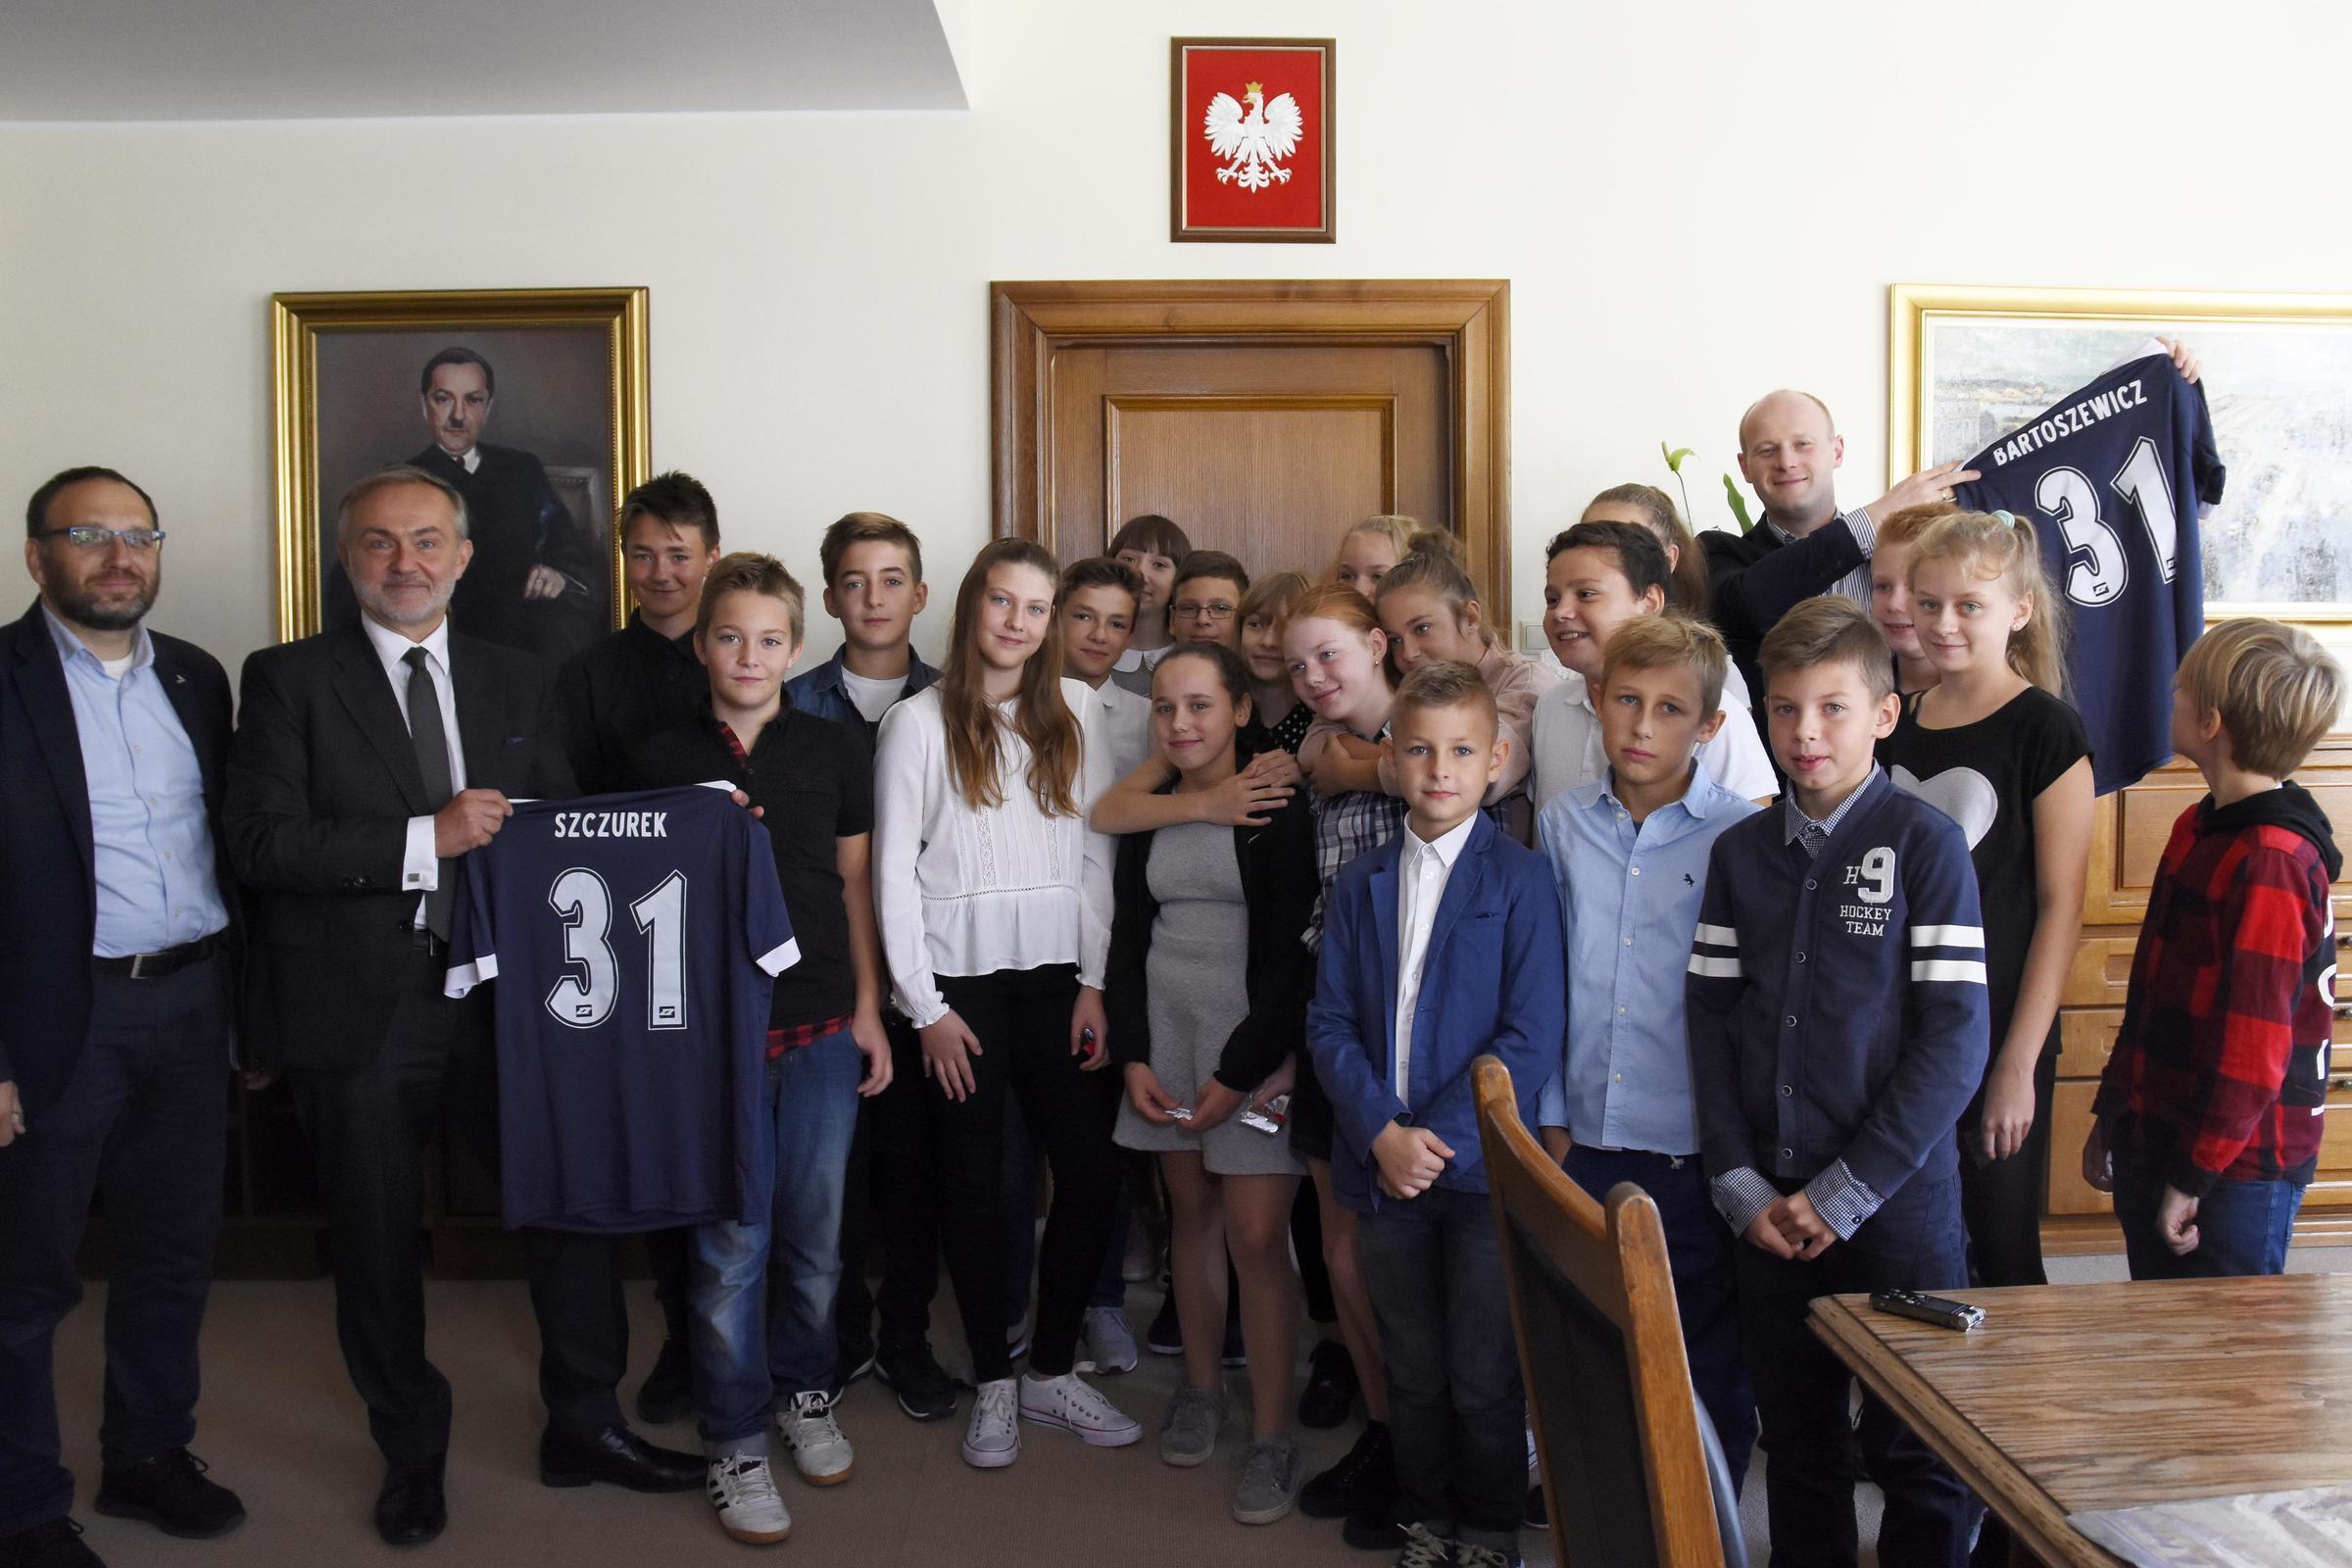 Od lewej: Andrzej Bień, wiceprzewodniczący Rady Miasta, Wojciech Szczurek, prezydent Gdyni, uczniowie SP nr 31 oraz Bartosz Bartoszewicz, wiceprezydent Gdyni ds. jakości życia, fot. Jan Ziarnicki